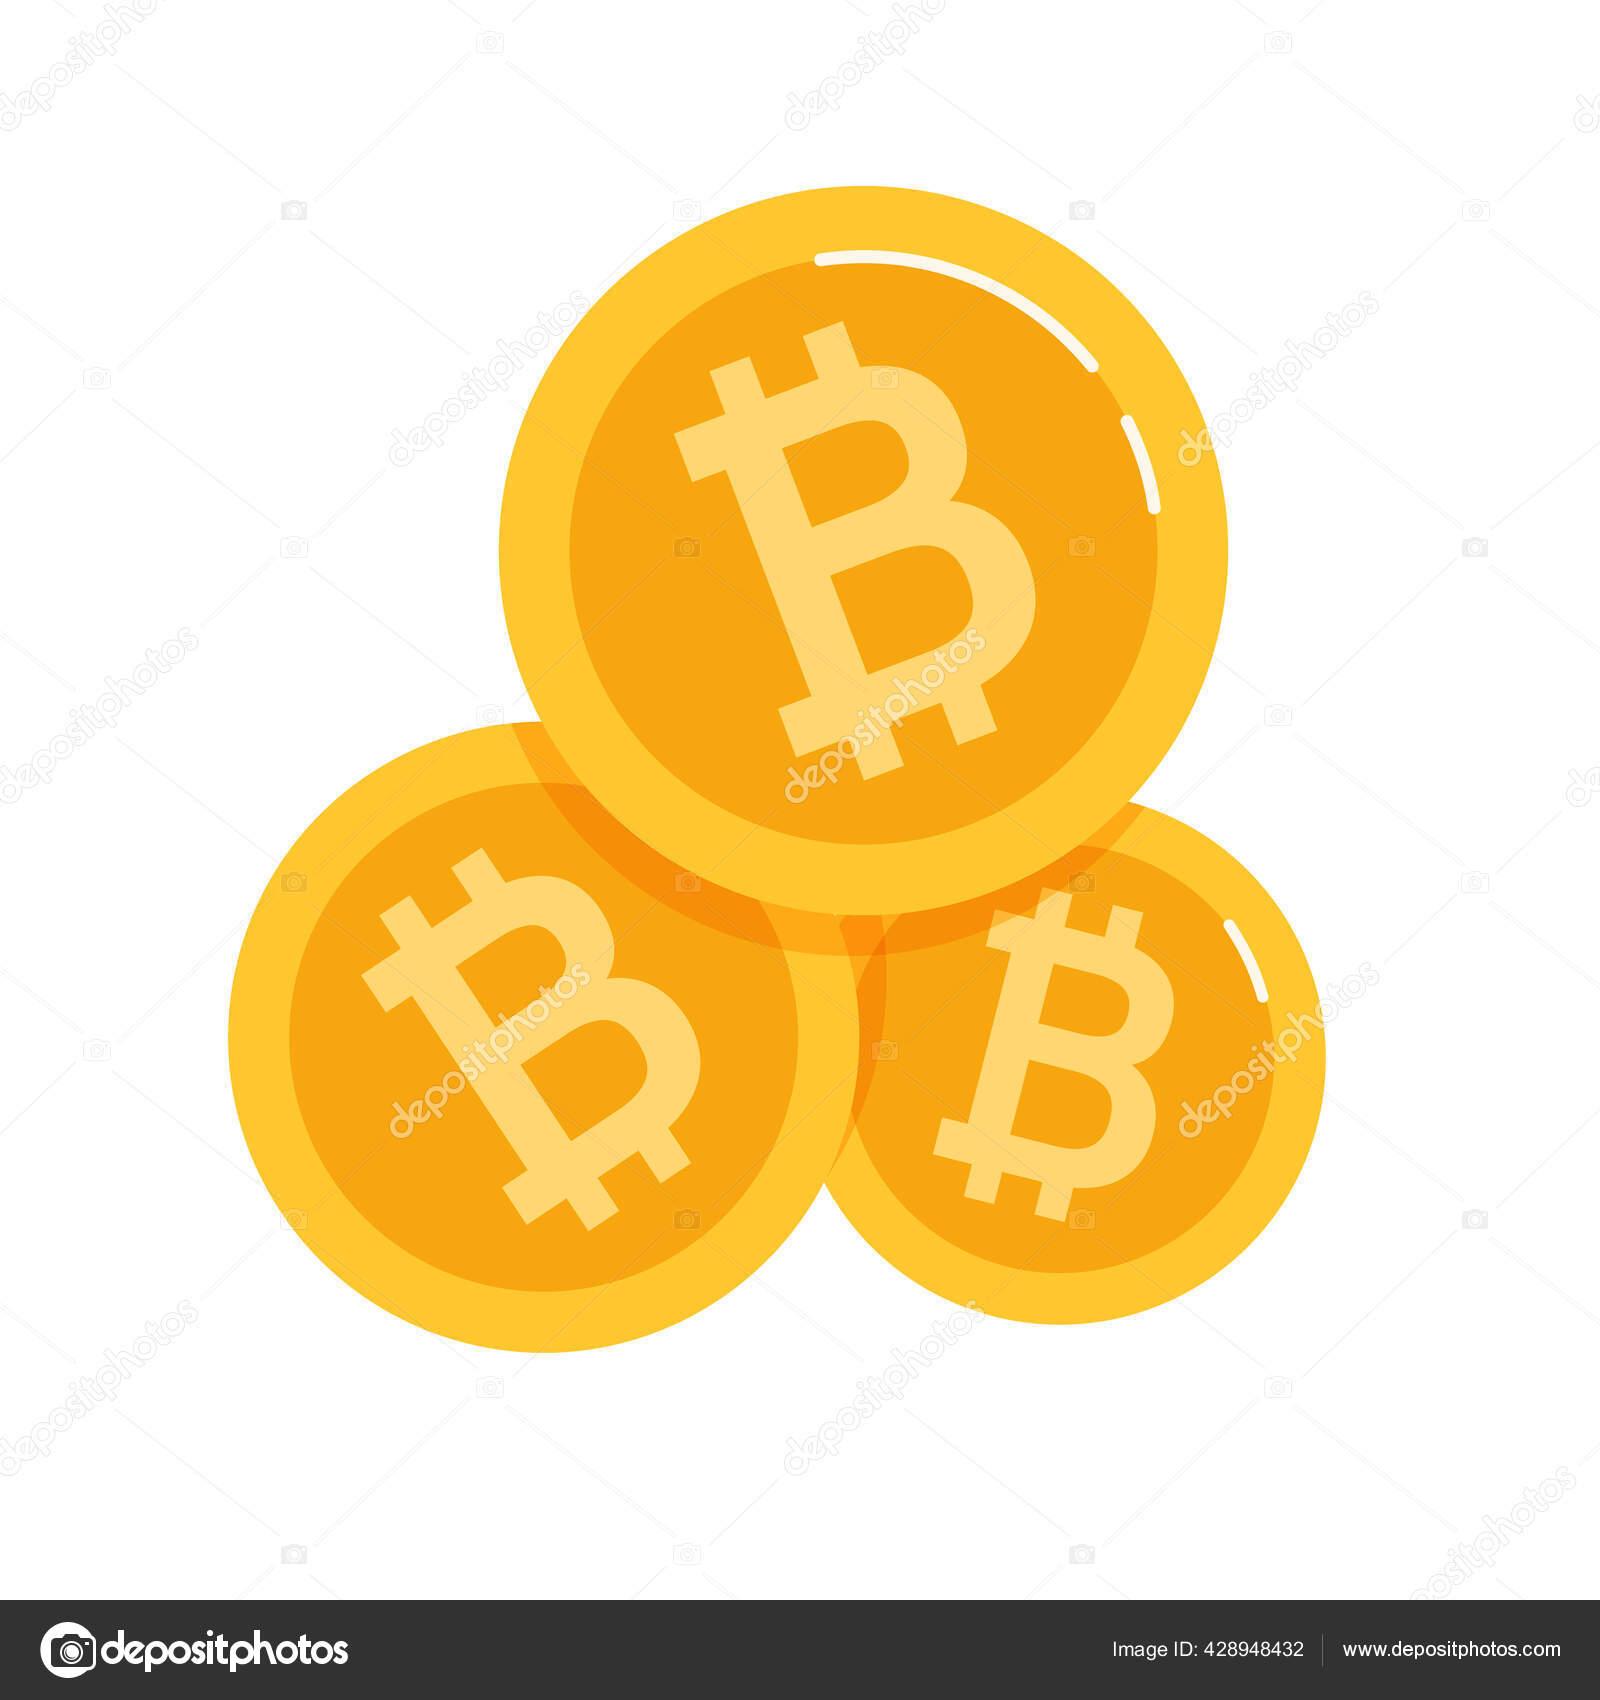 bitcoin yandex